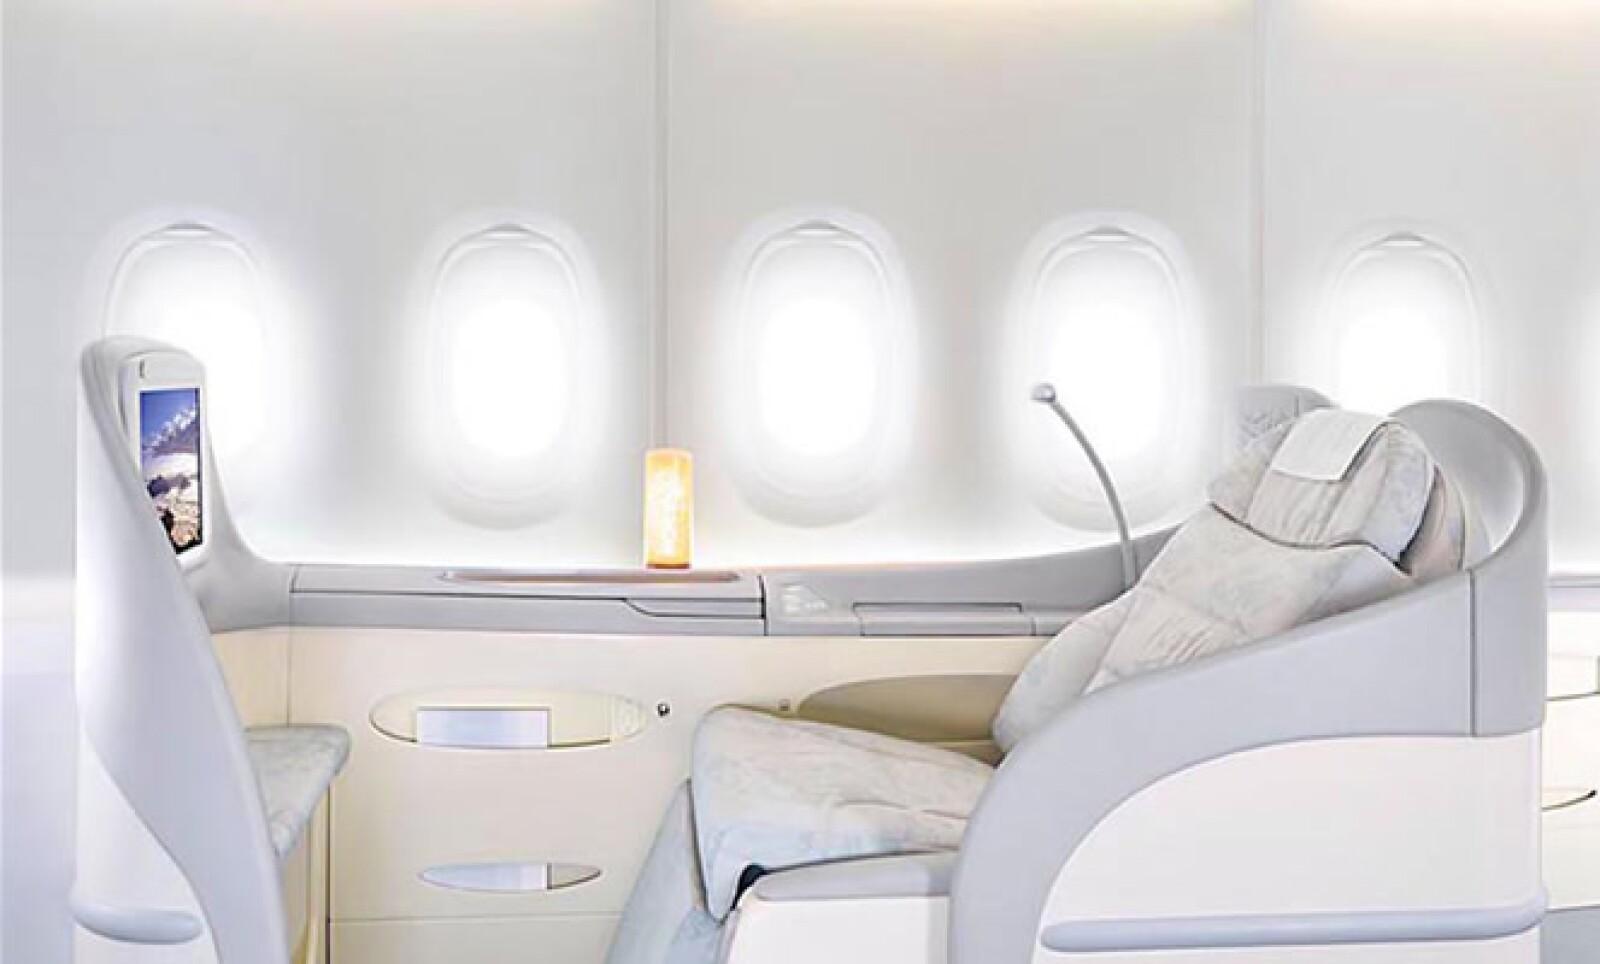 La cabina está dividida en 15 zonas de control de temperatura diferentes, que van desde los 18° hasta los 30°.